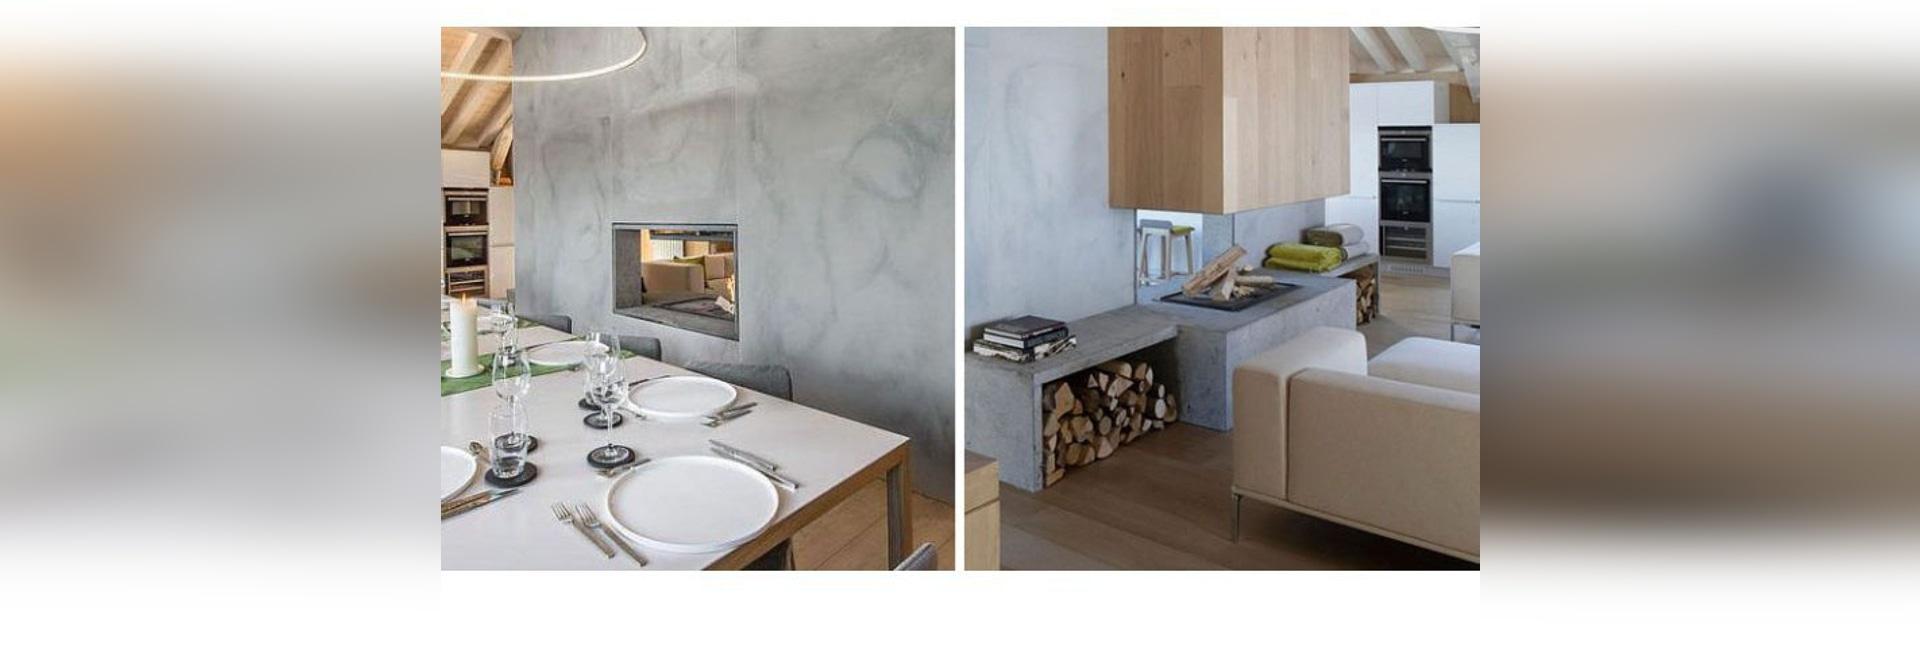 Kamin-Ideen – dieser doppelseitige Kamin trennt das Wohnzimmer und ...